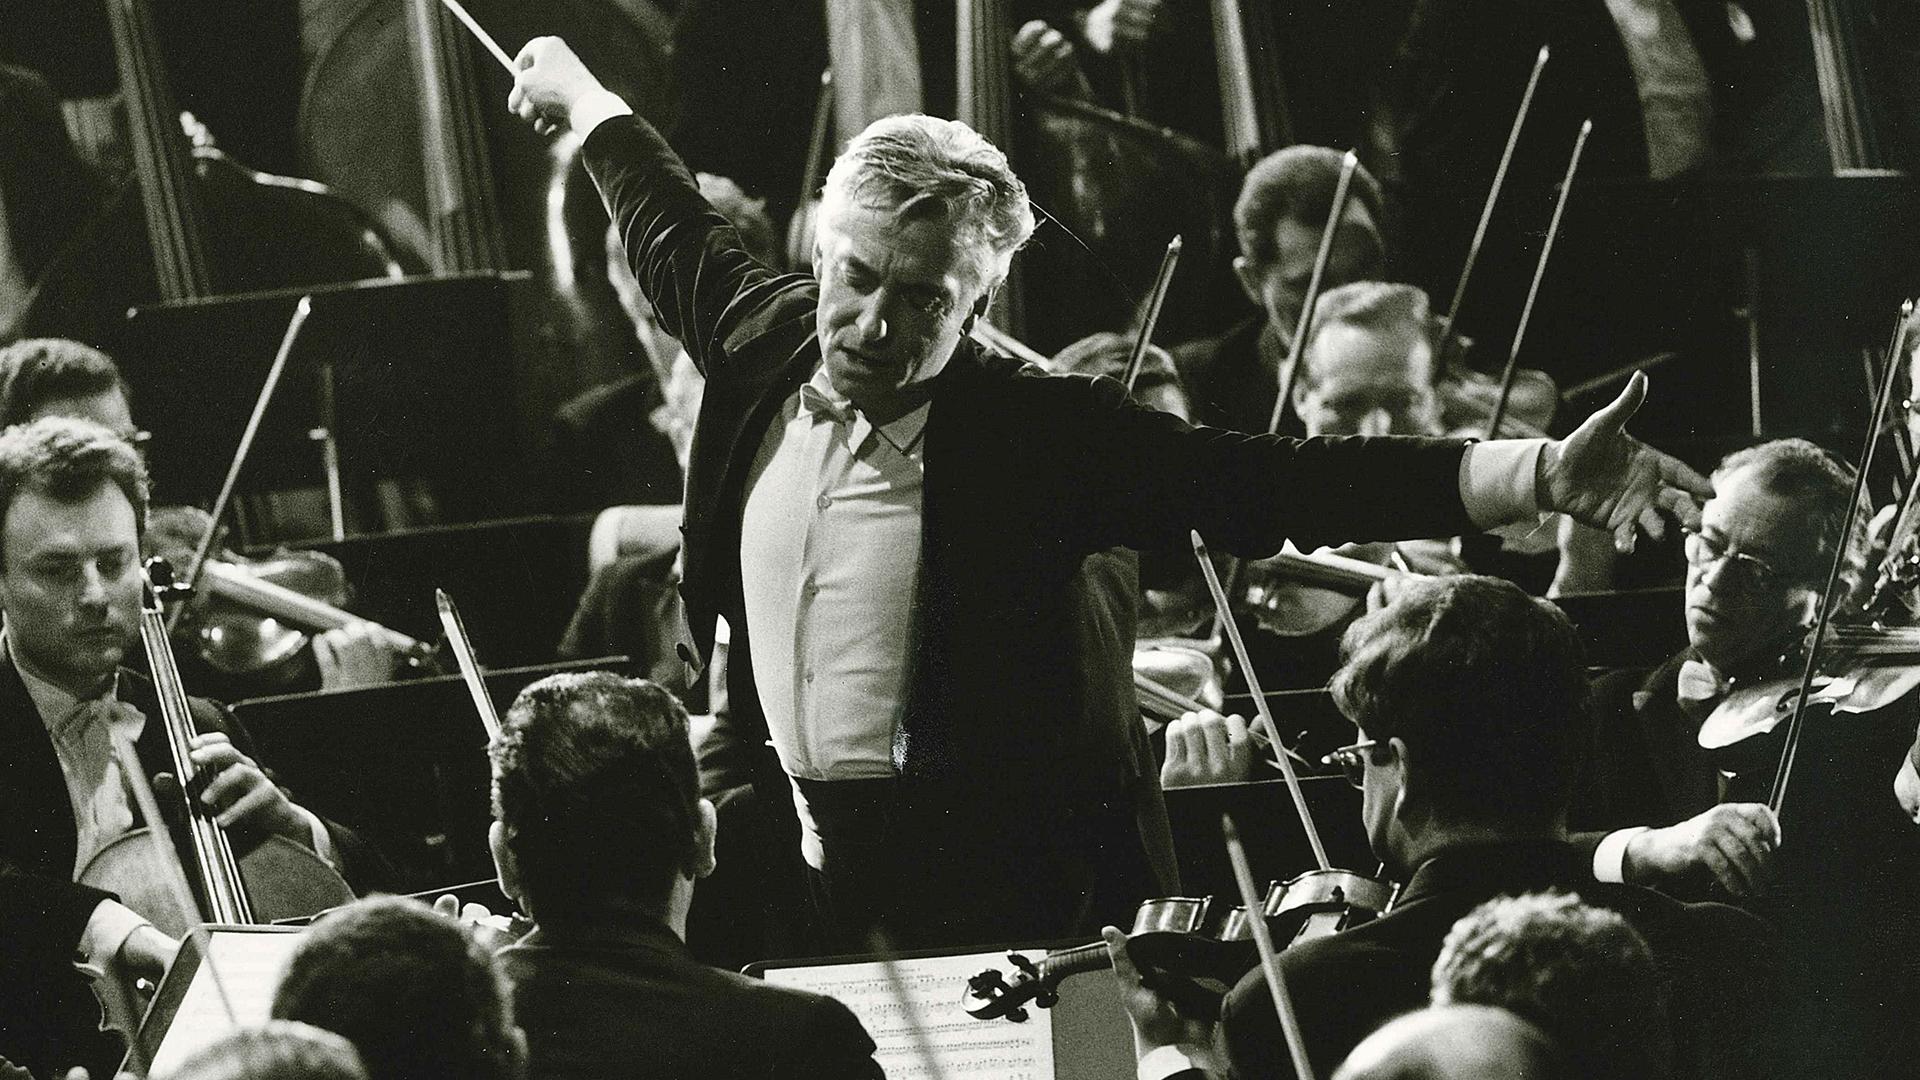 Les Berliner Philharmoniker fêtent leurs 100 ans avec Herbert von Karajan à la baguette